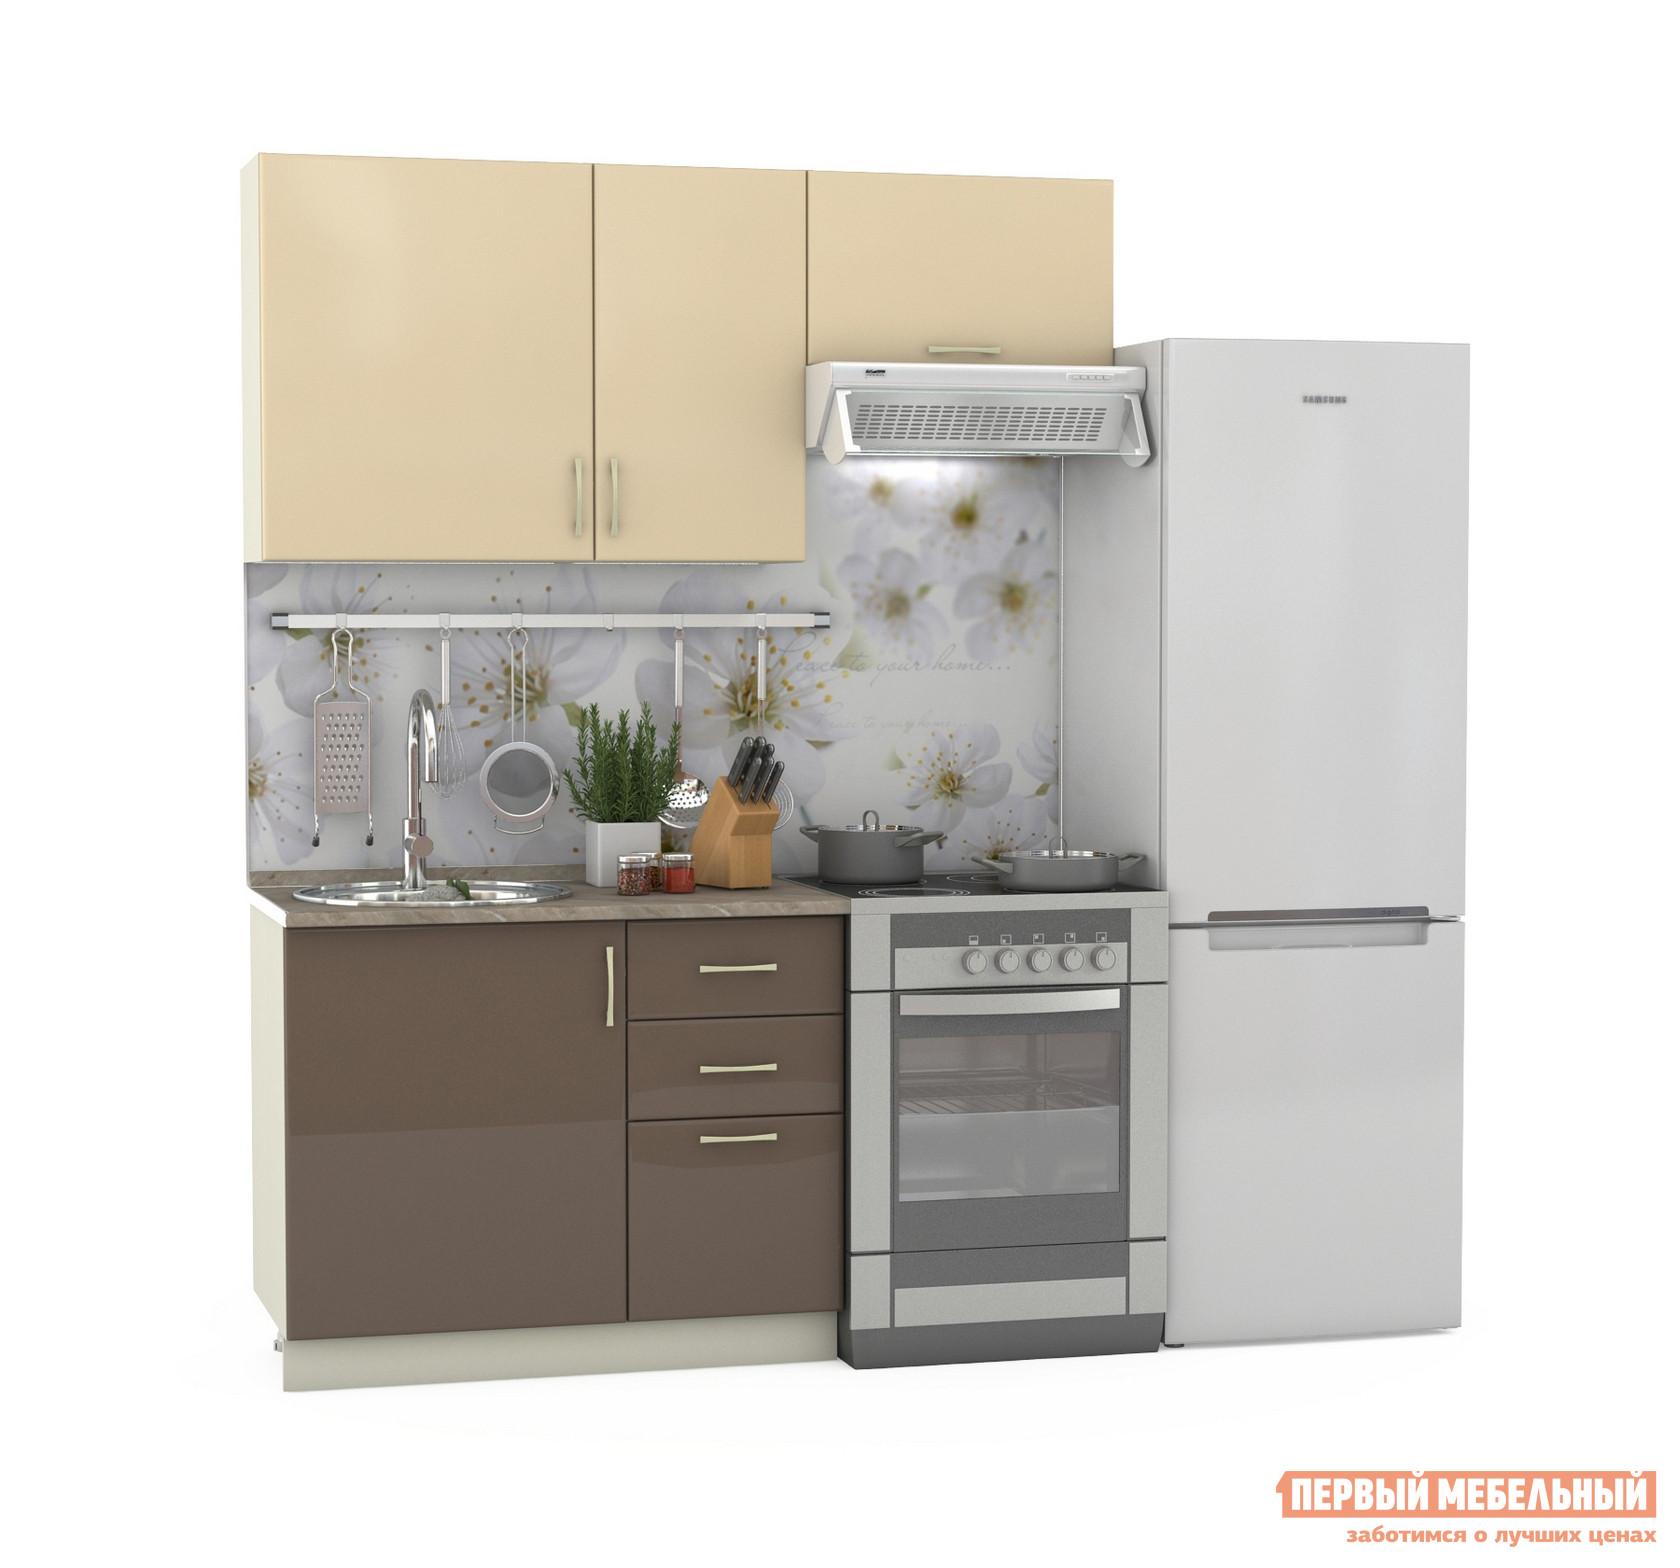 Кухонный гарнитур Бит и Байт Сандра-1 160 см кухонный гарнитур трия оливия 240 см